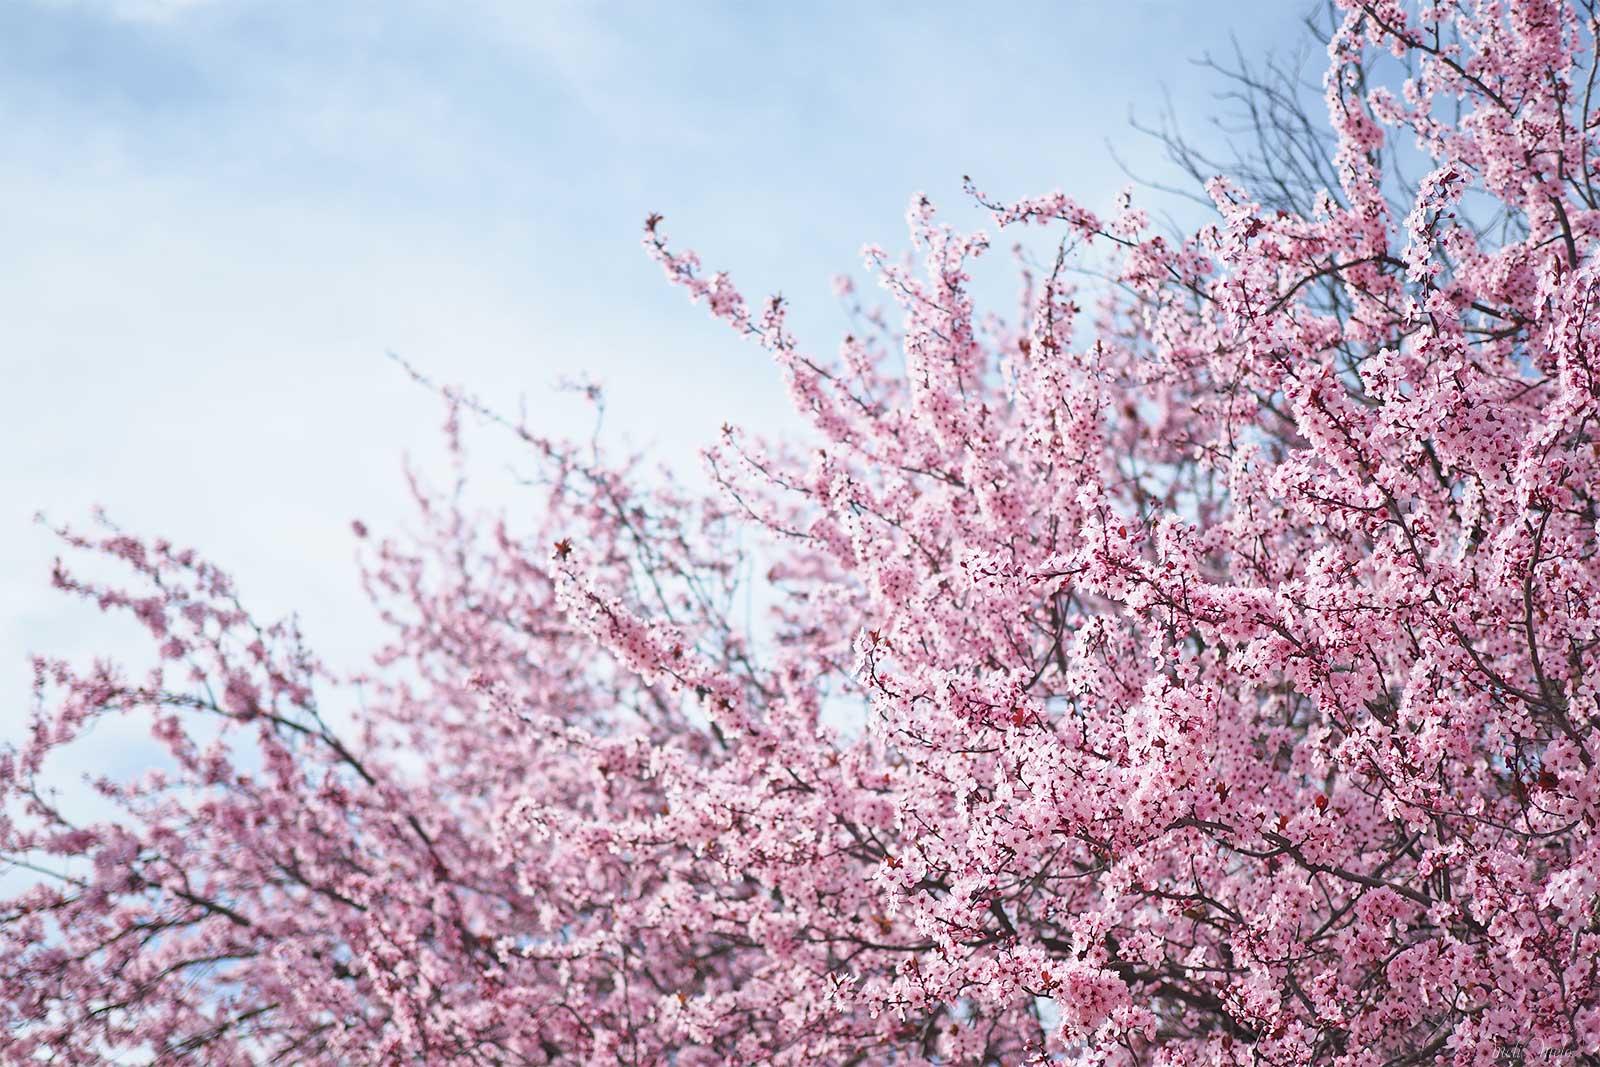 prunus floraison mars à bicyclette yoniquenews